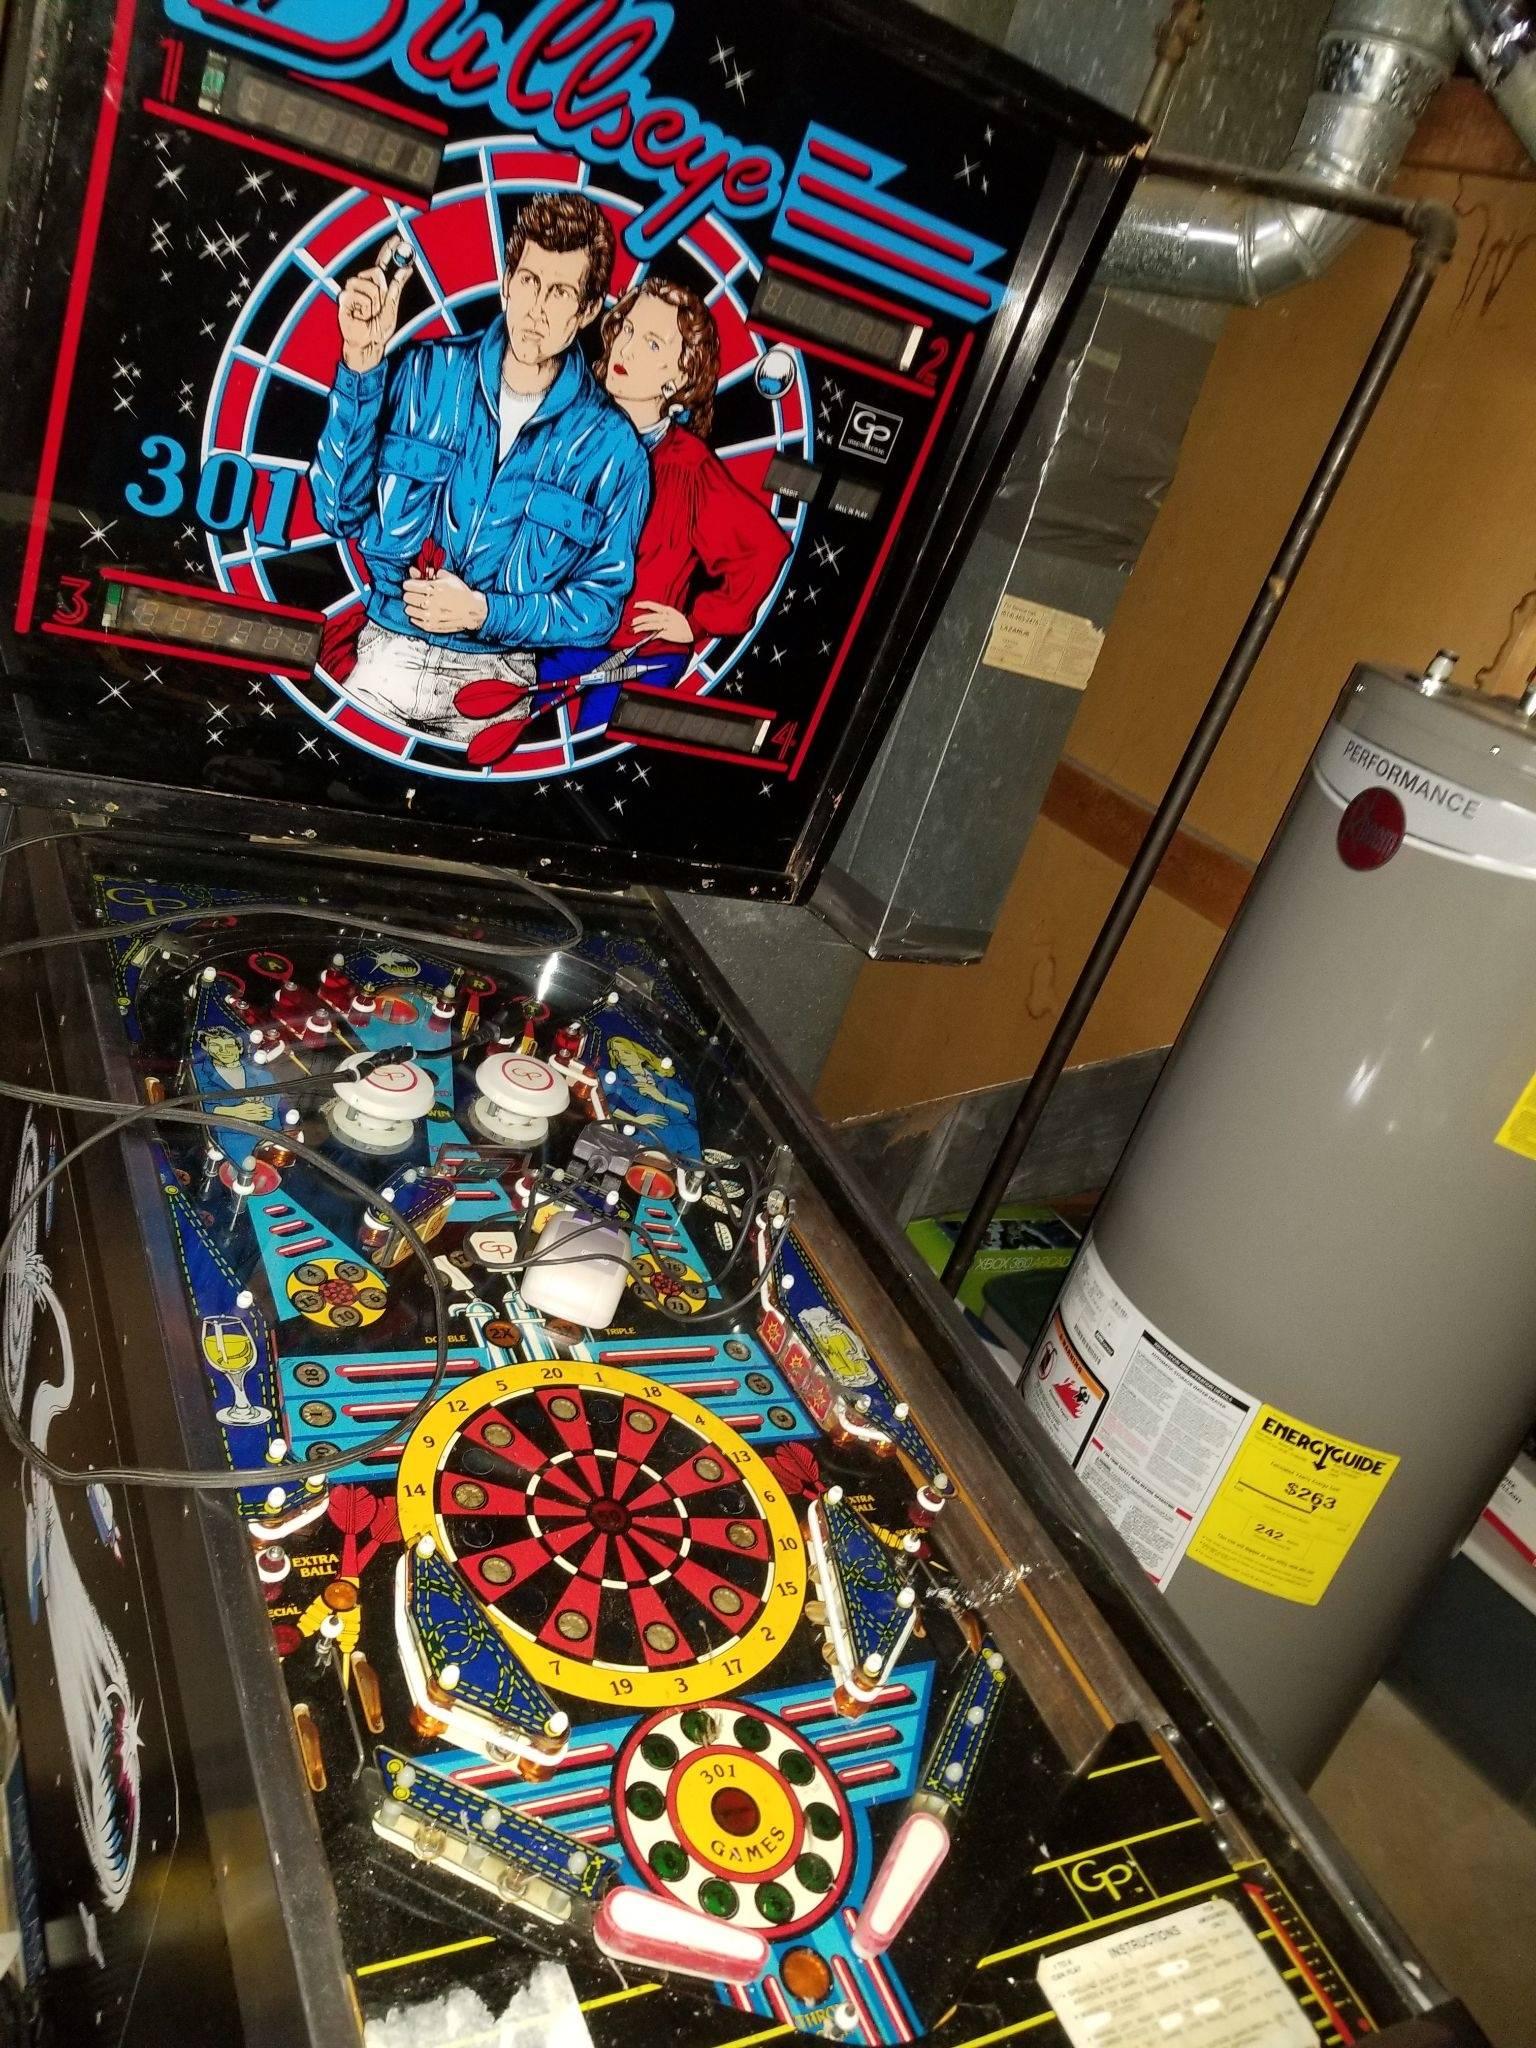 Worst Machine Ever All Pinball Pinside Com